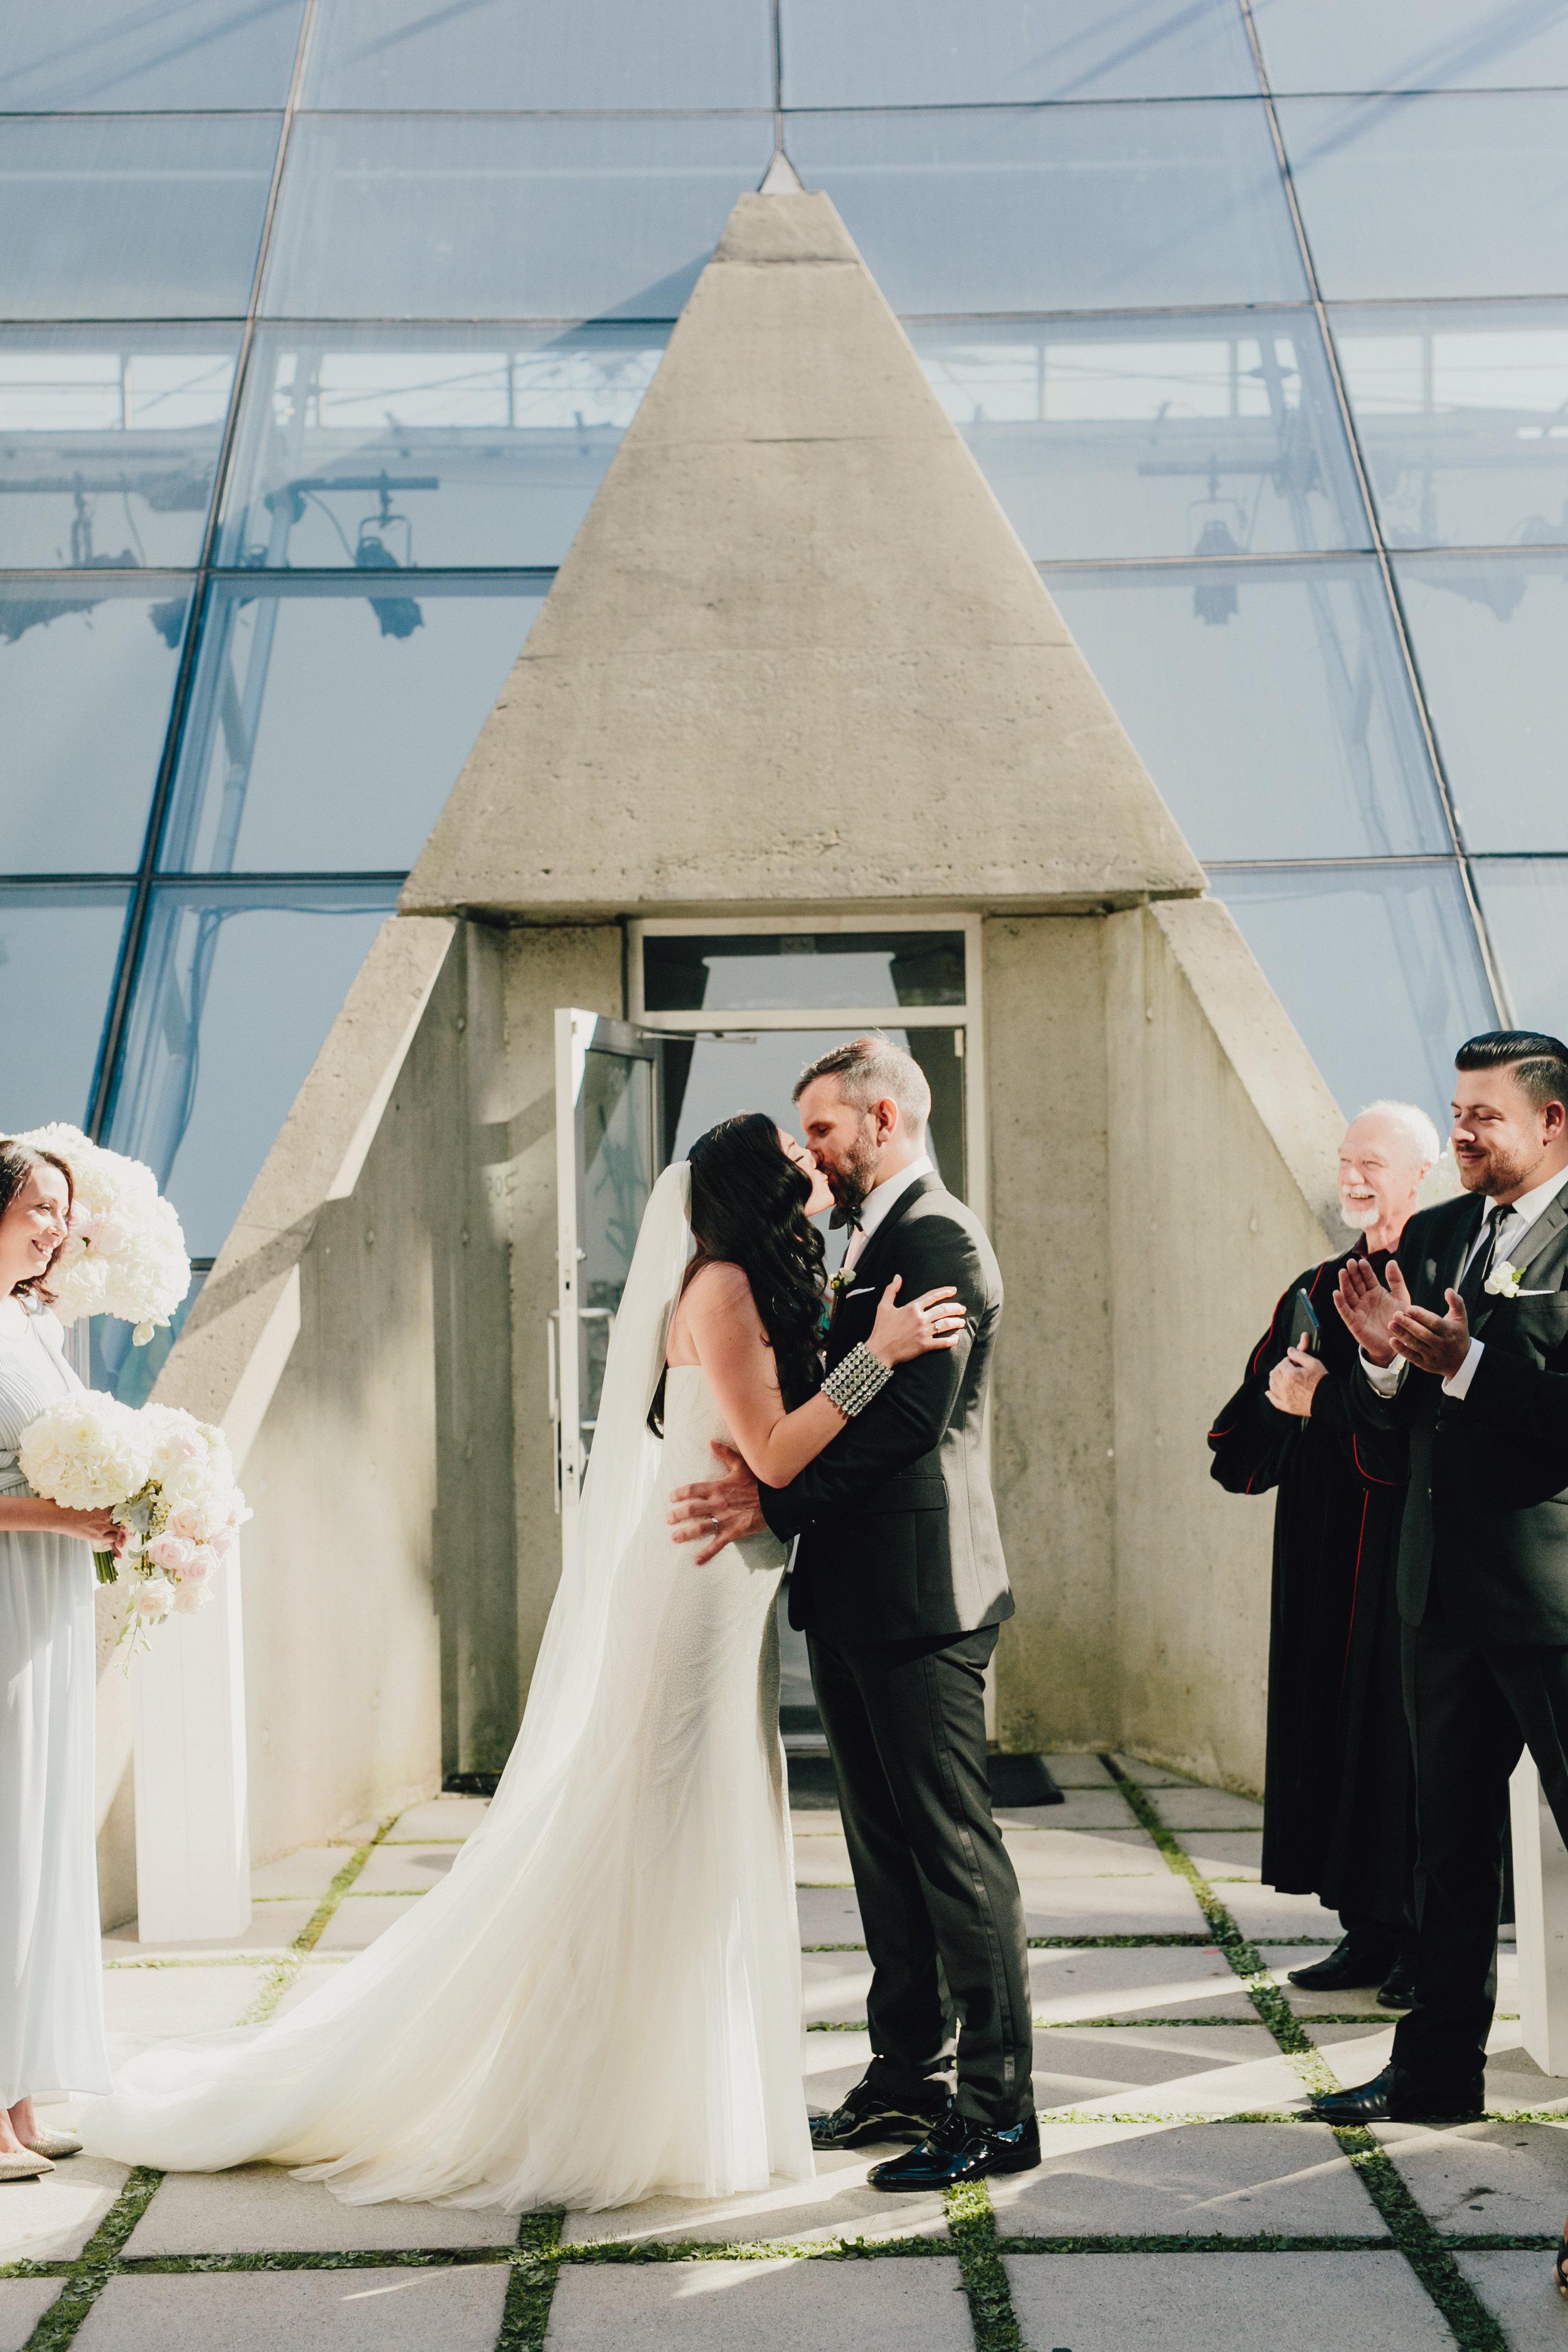 taylor-roades-weddings-0238.JPG